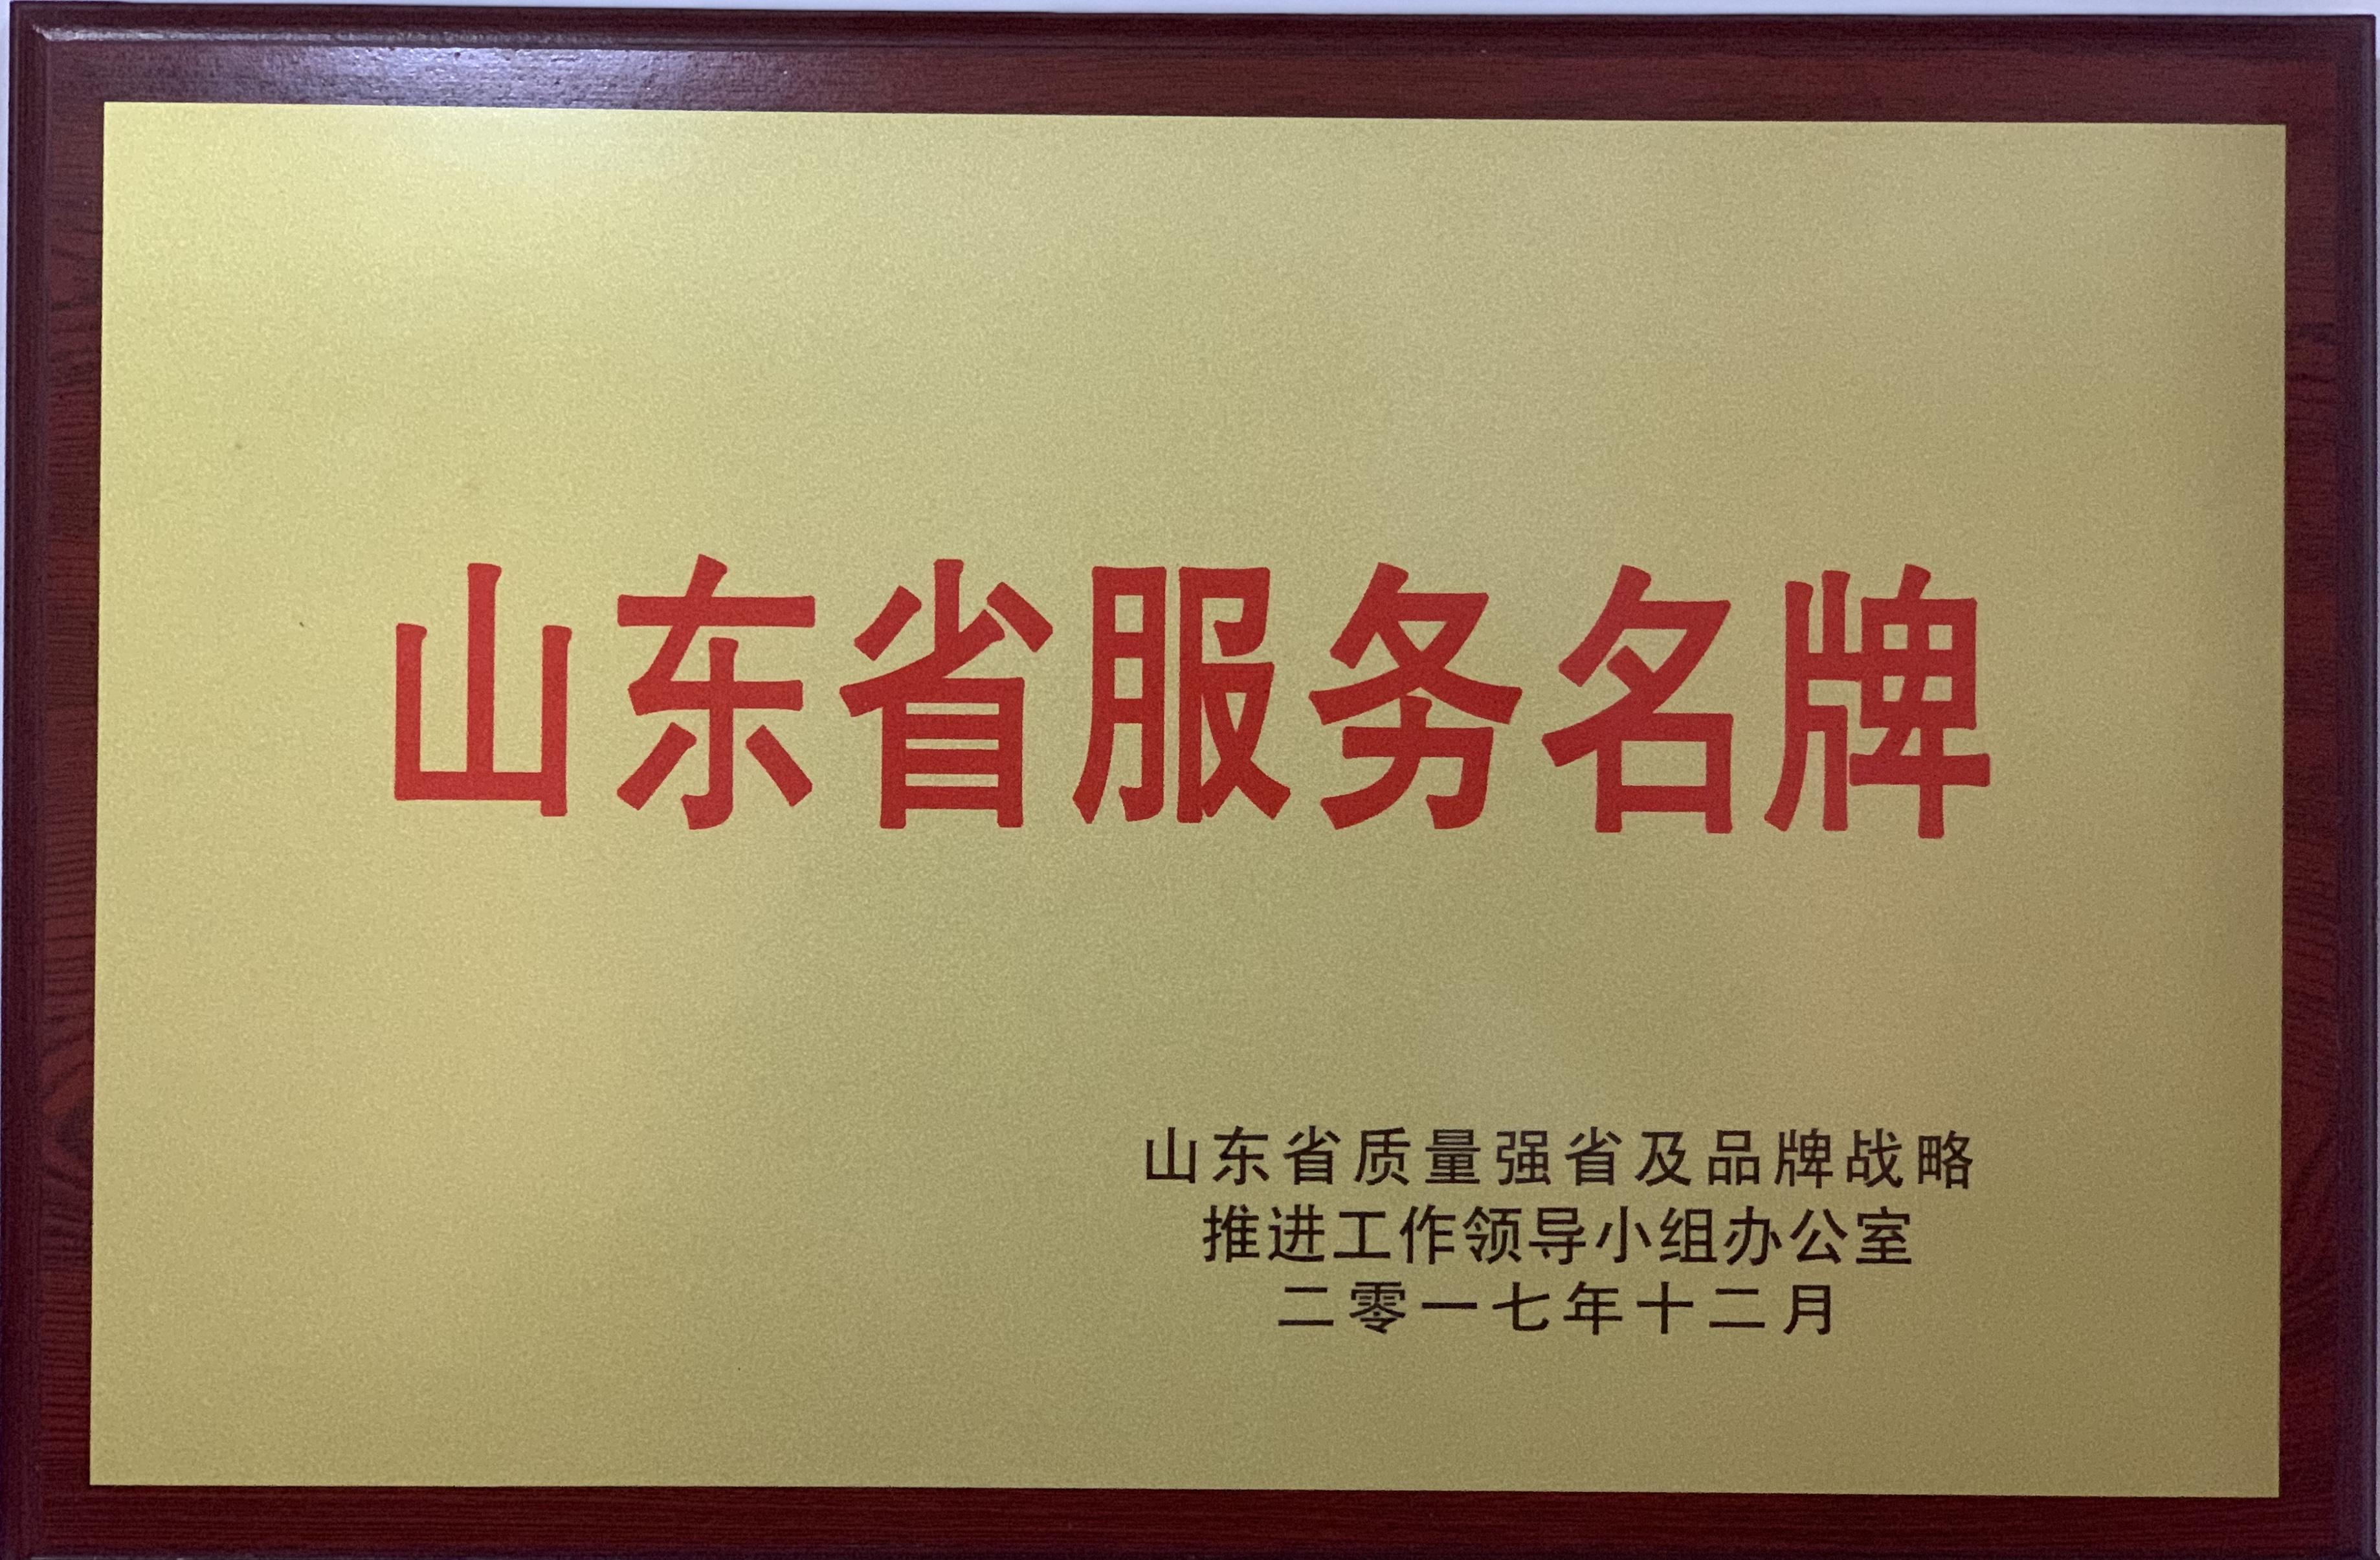 济宁四和供热有限公司荣获2017年度山东省服务名牌